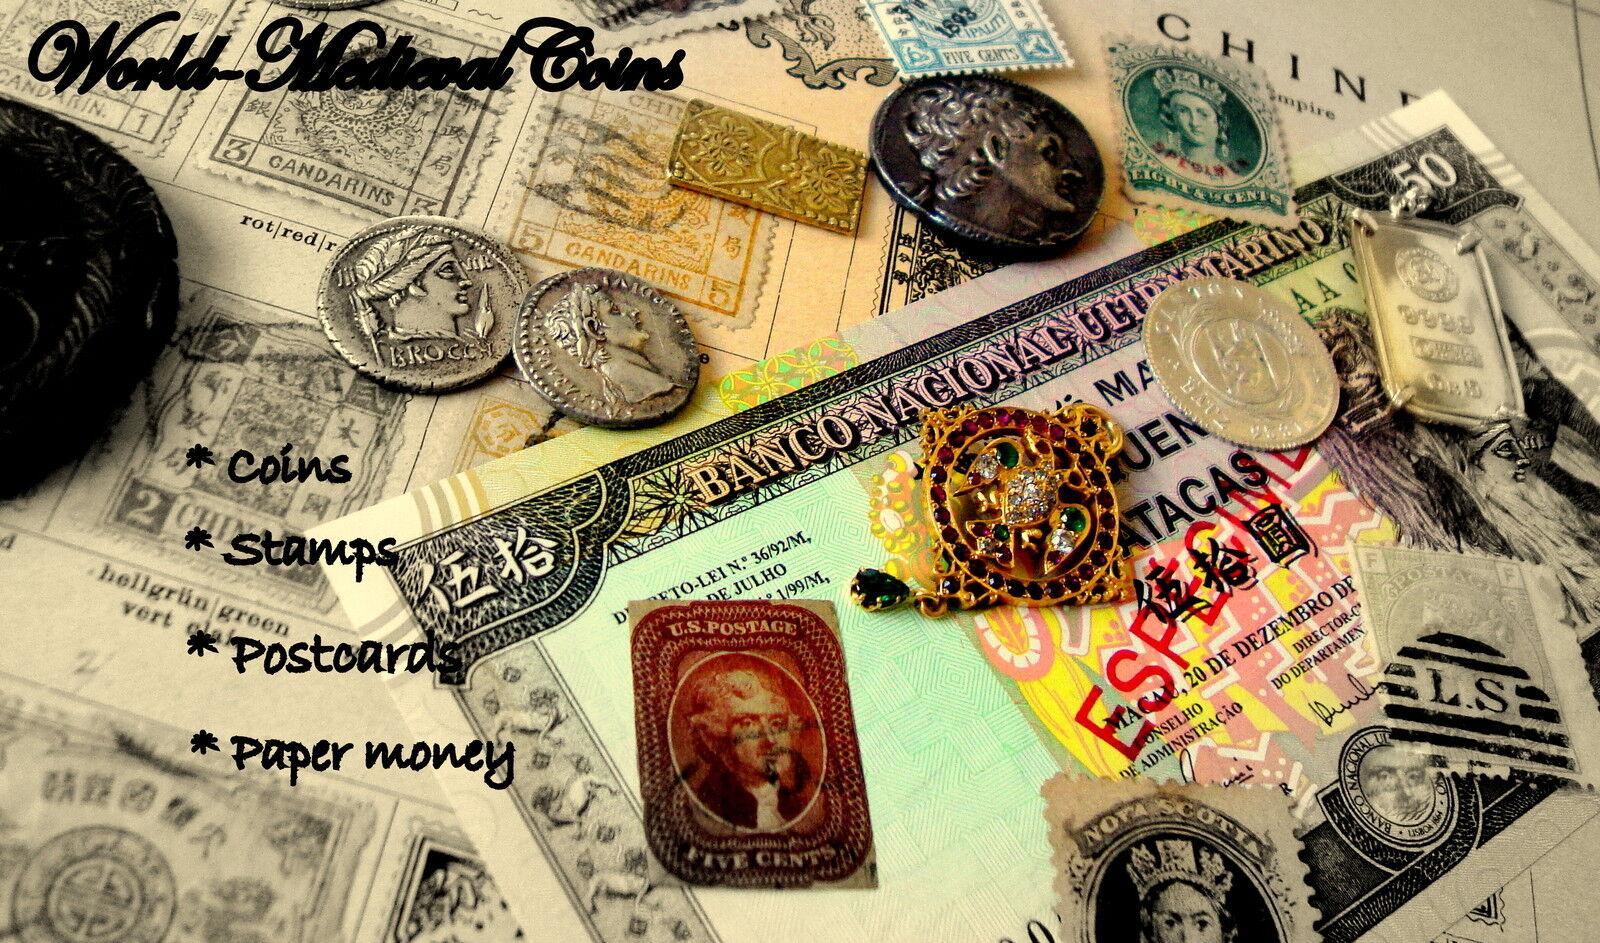 World-Medievalcoins